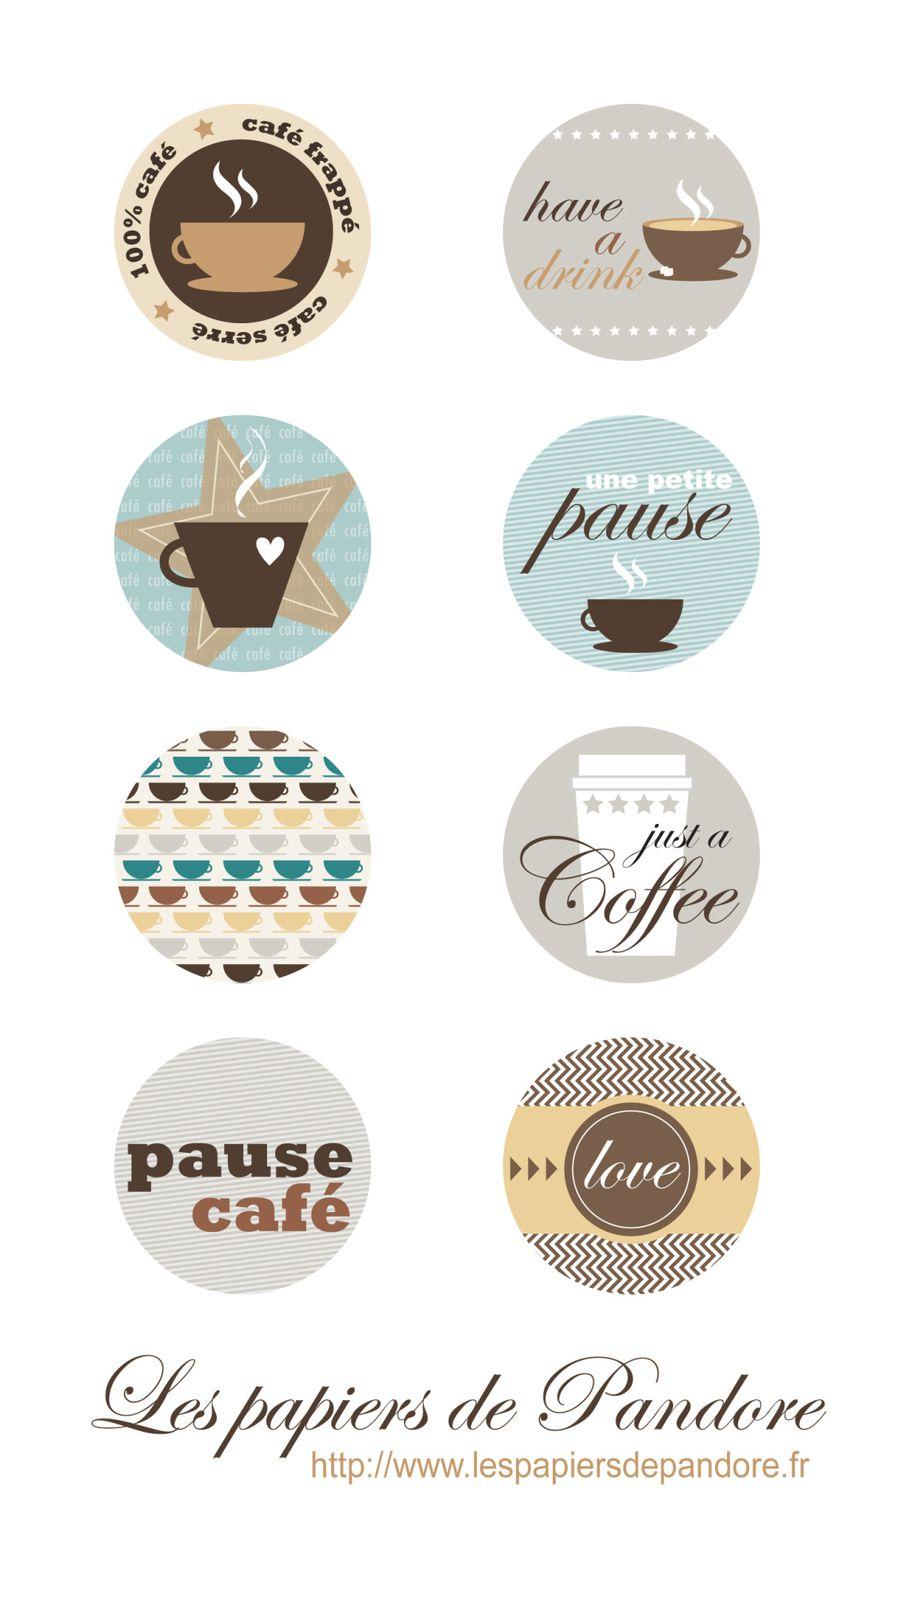 Etiquettes offertes Pause Cafe